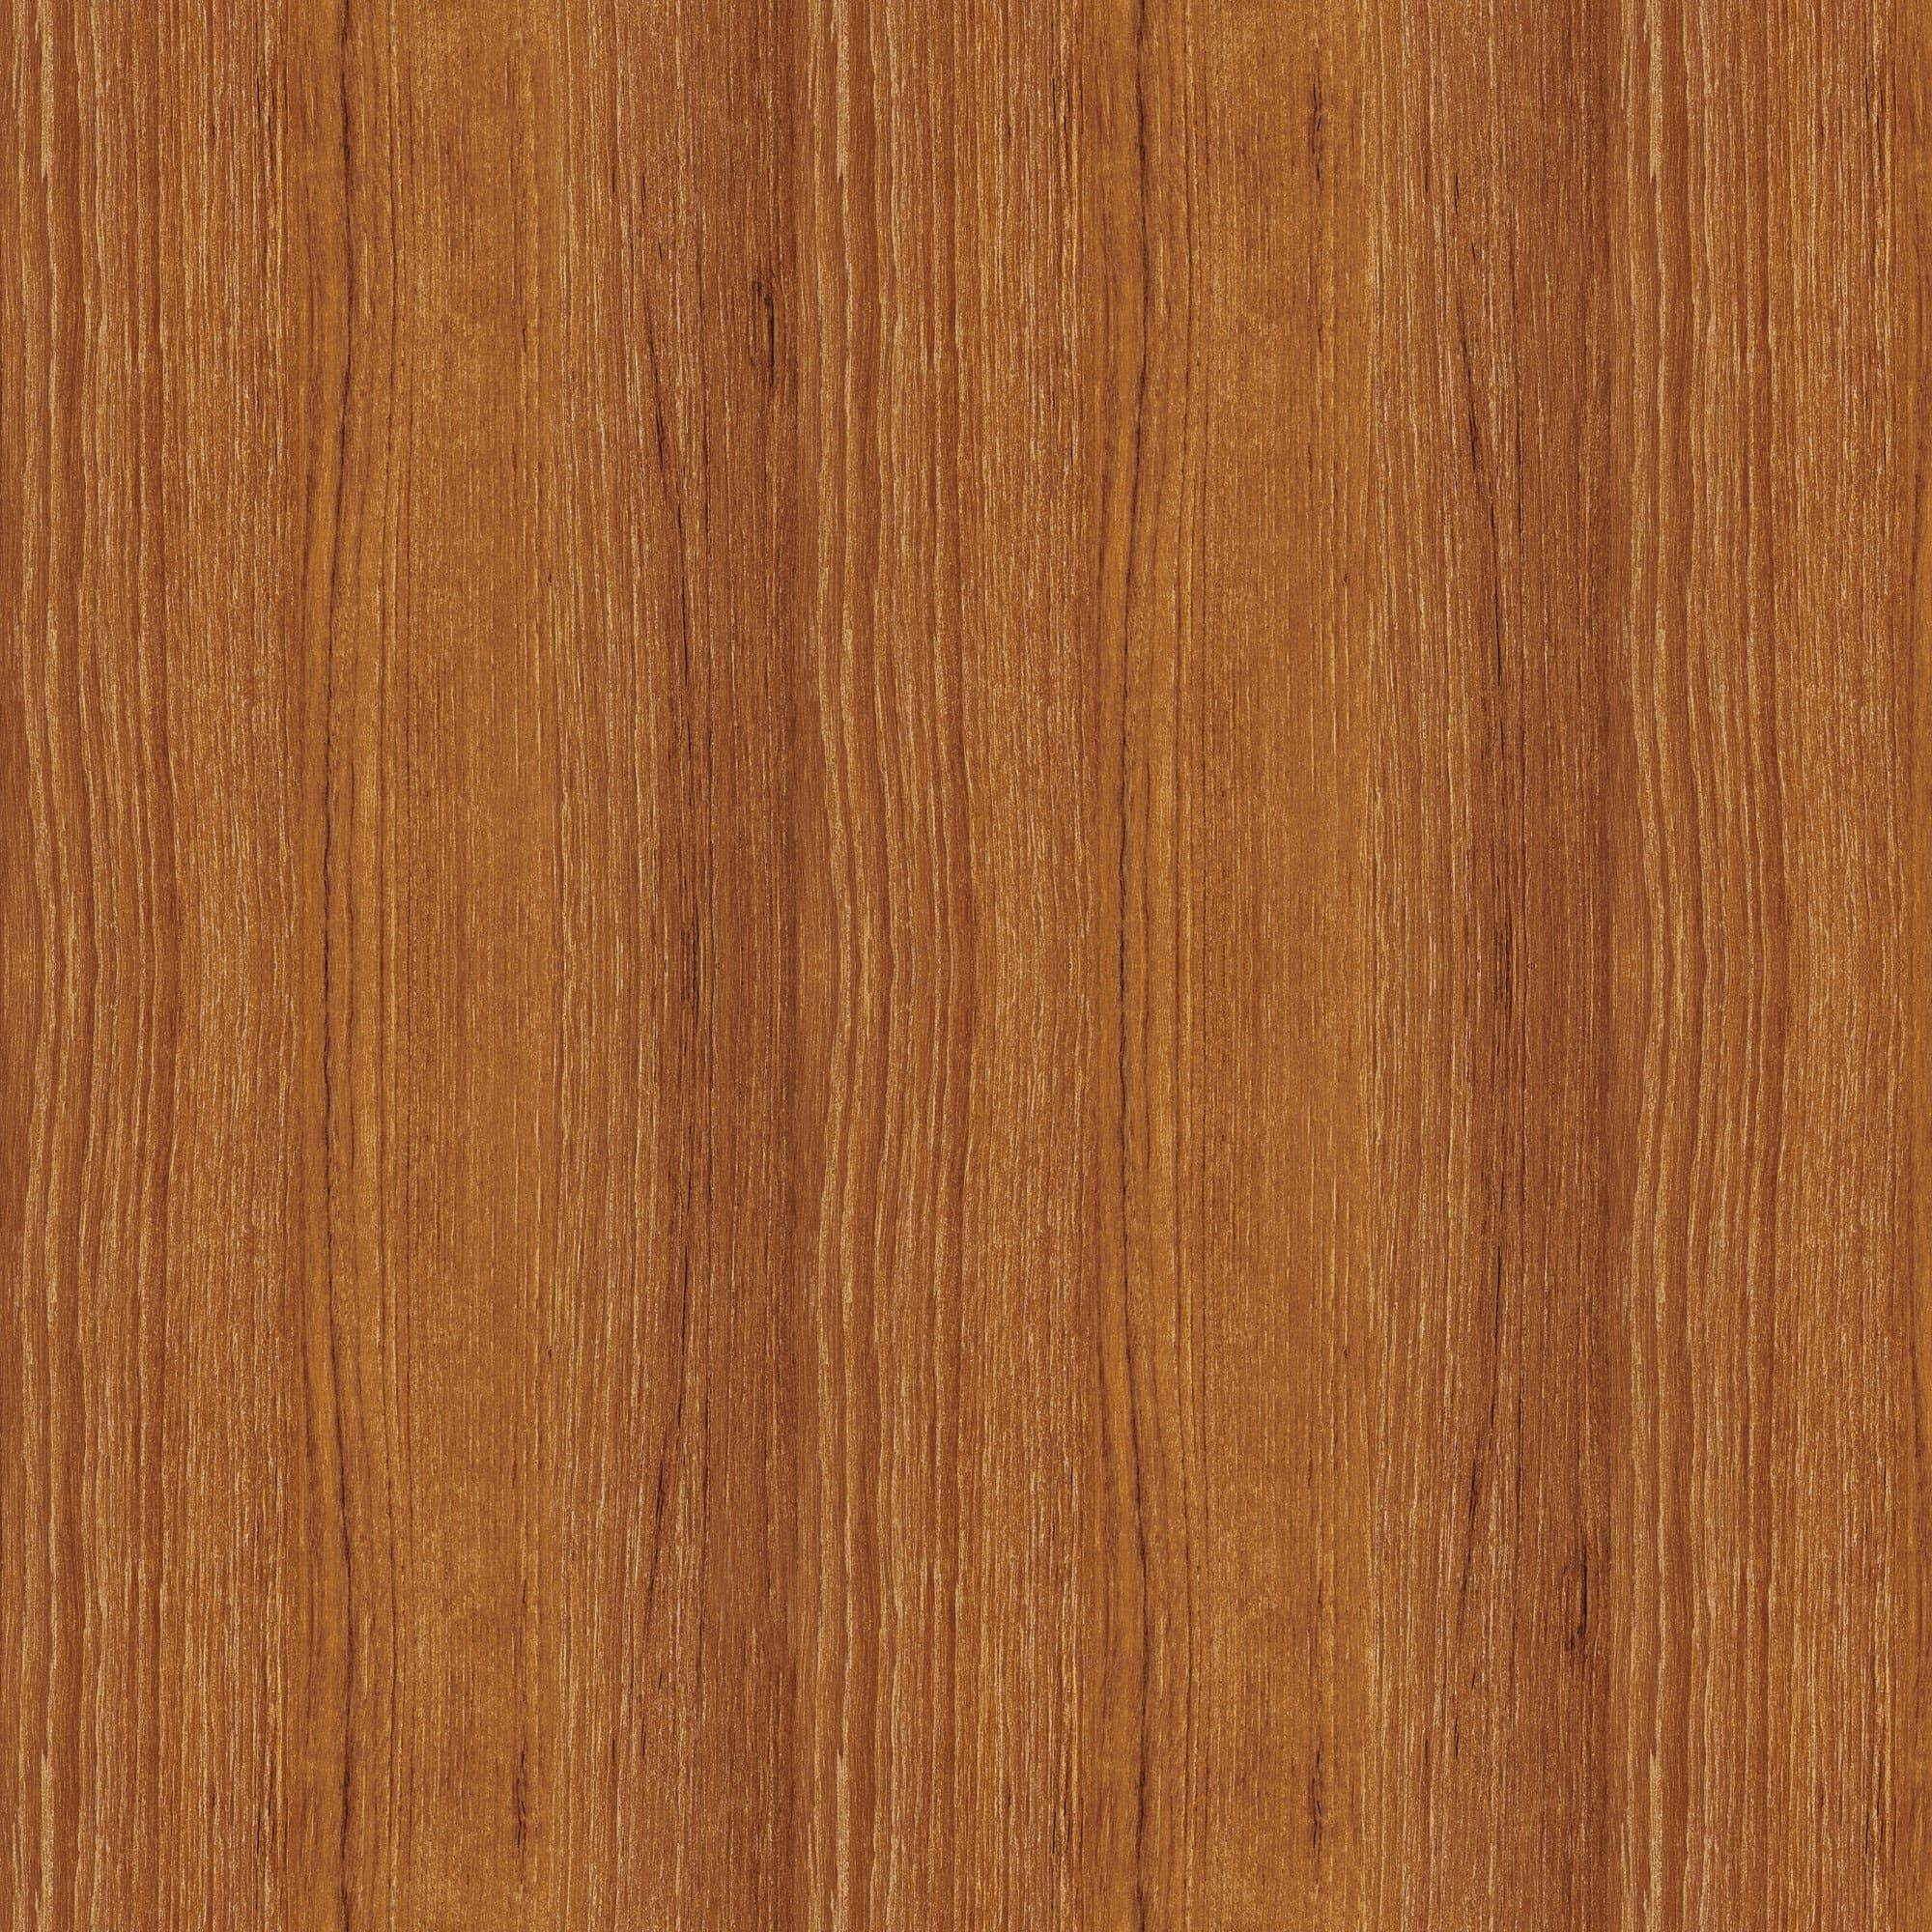 Купить Имидж Мастер, Зеркало для парикмахерской Агат (28 цветов) Дерево